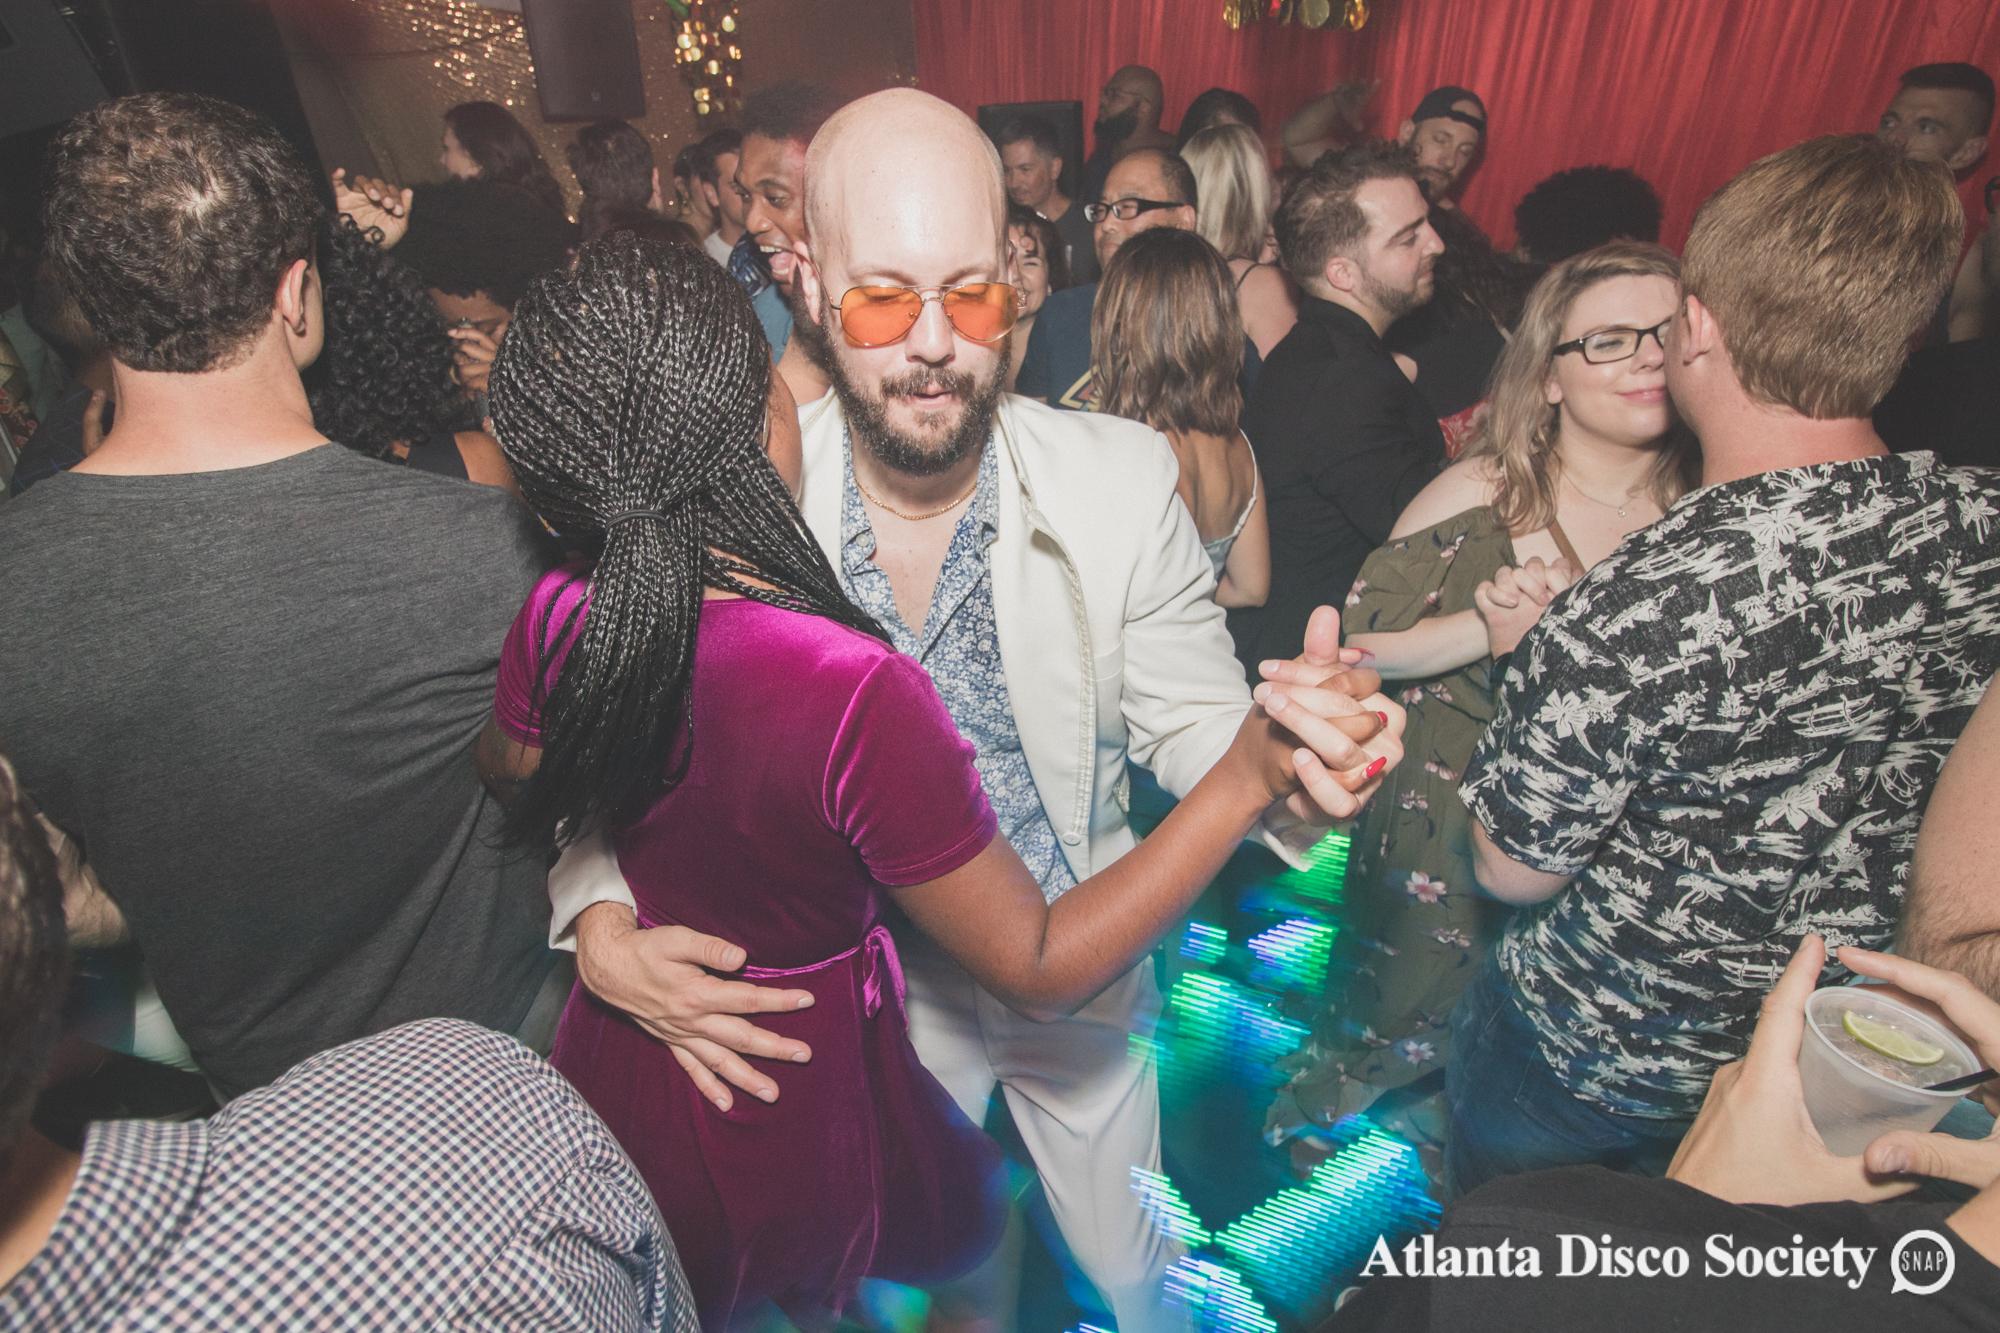 11Atlanta Disco Society Grace Kelly Oh Snap Kid 7.27.19.jpg